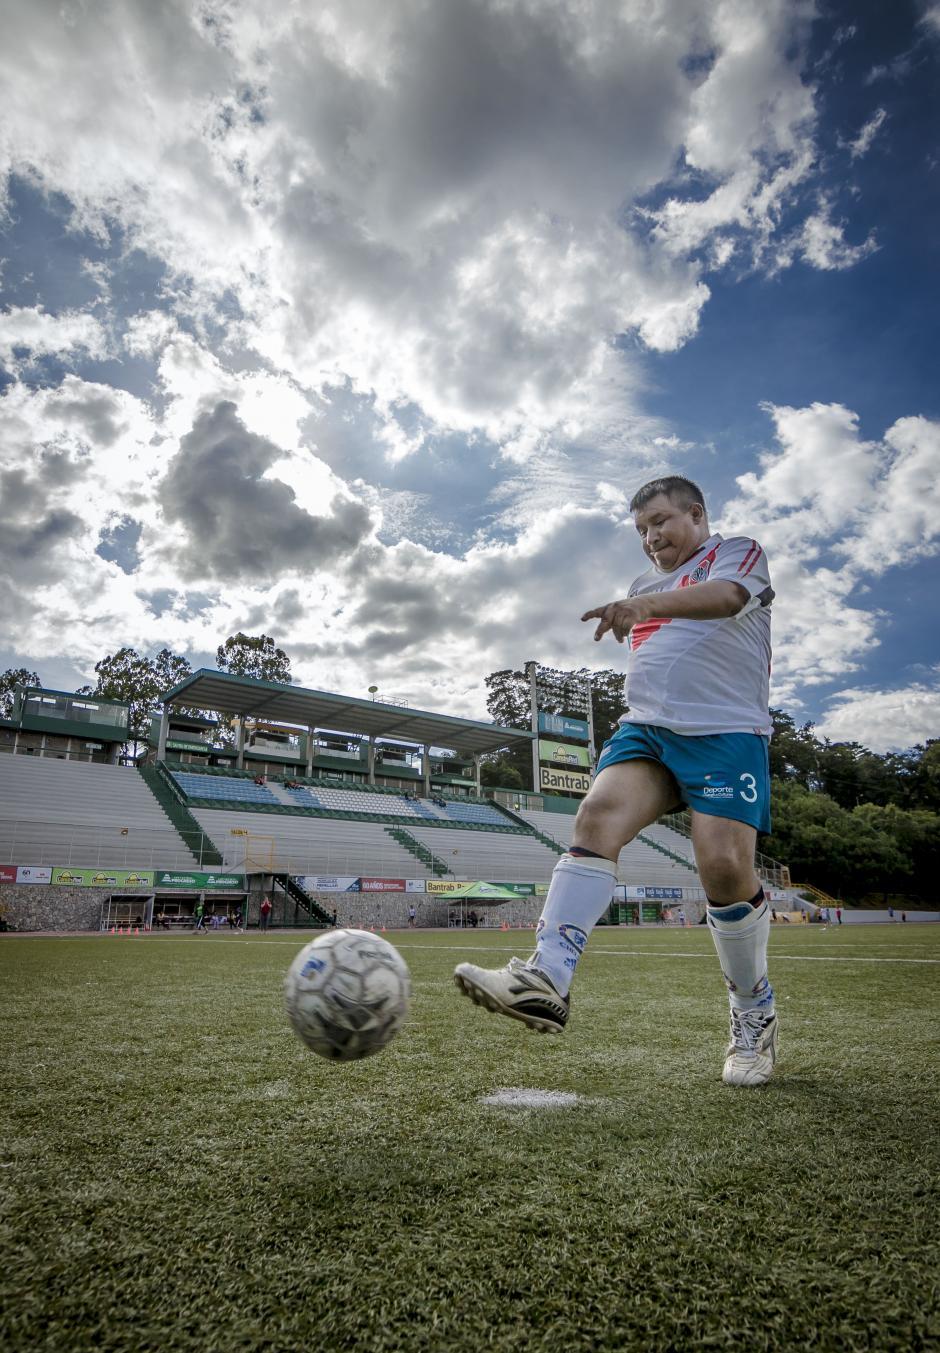 El futbol es uno de los deportes más concurridos. (Foto: Soy502)